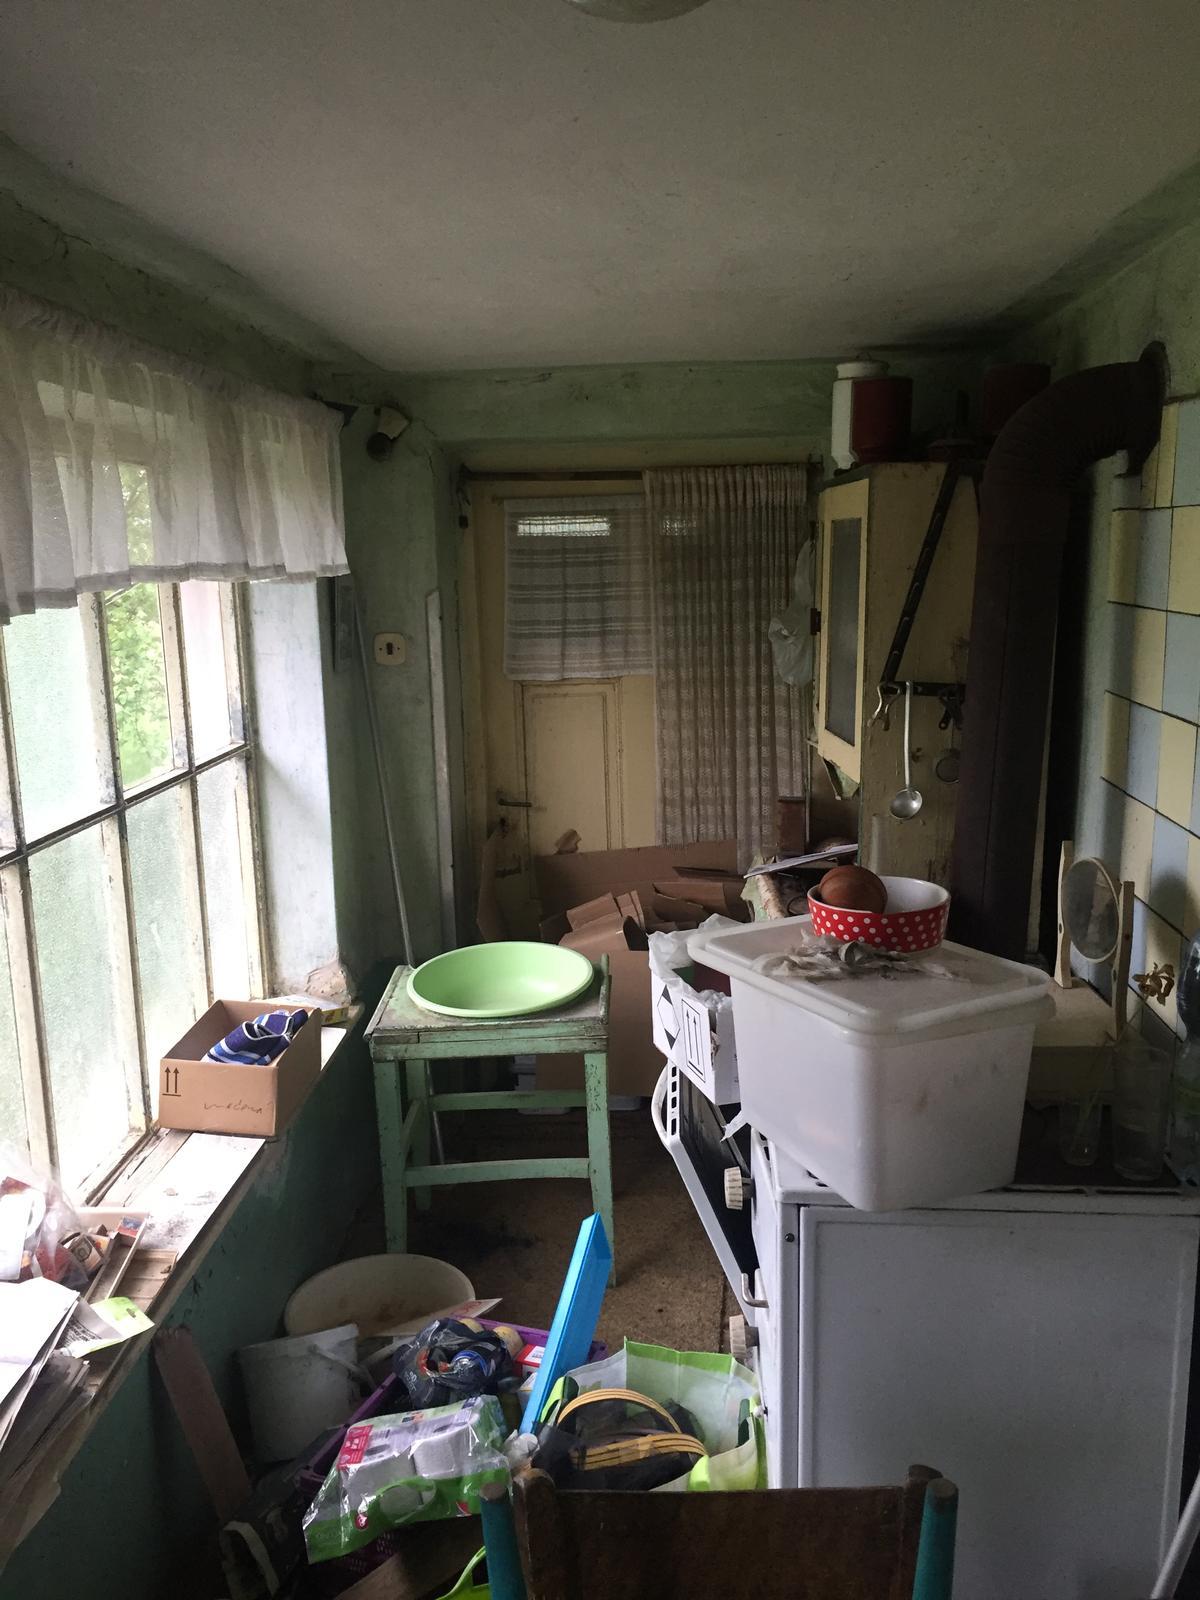 Perníková chalúpka - veranda druhy smer - rovnako dvere nikam a ten kredenc tam za sporakom des a hruza..